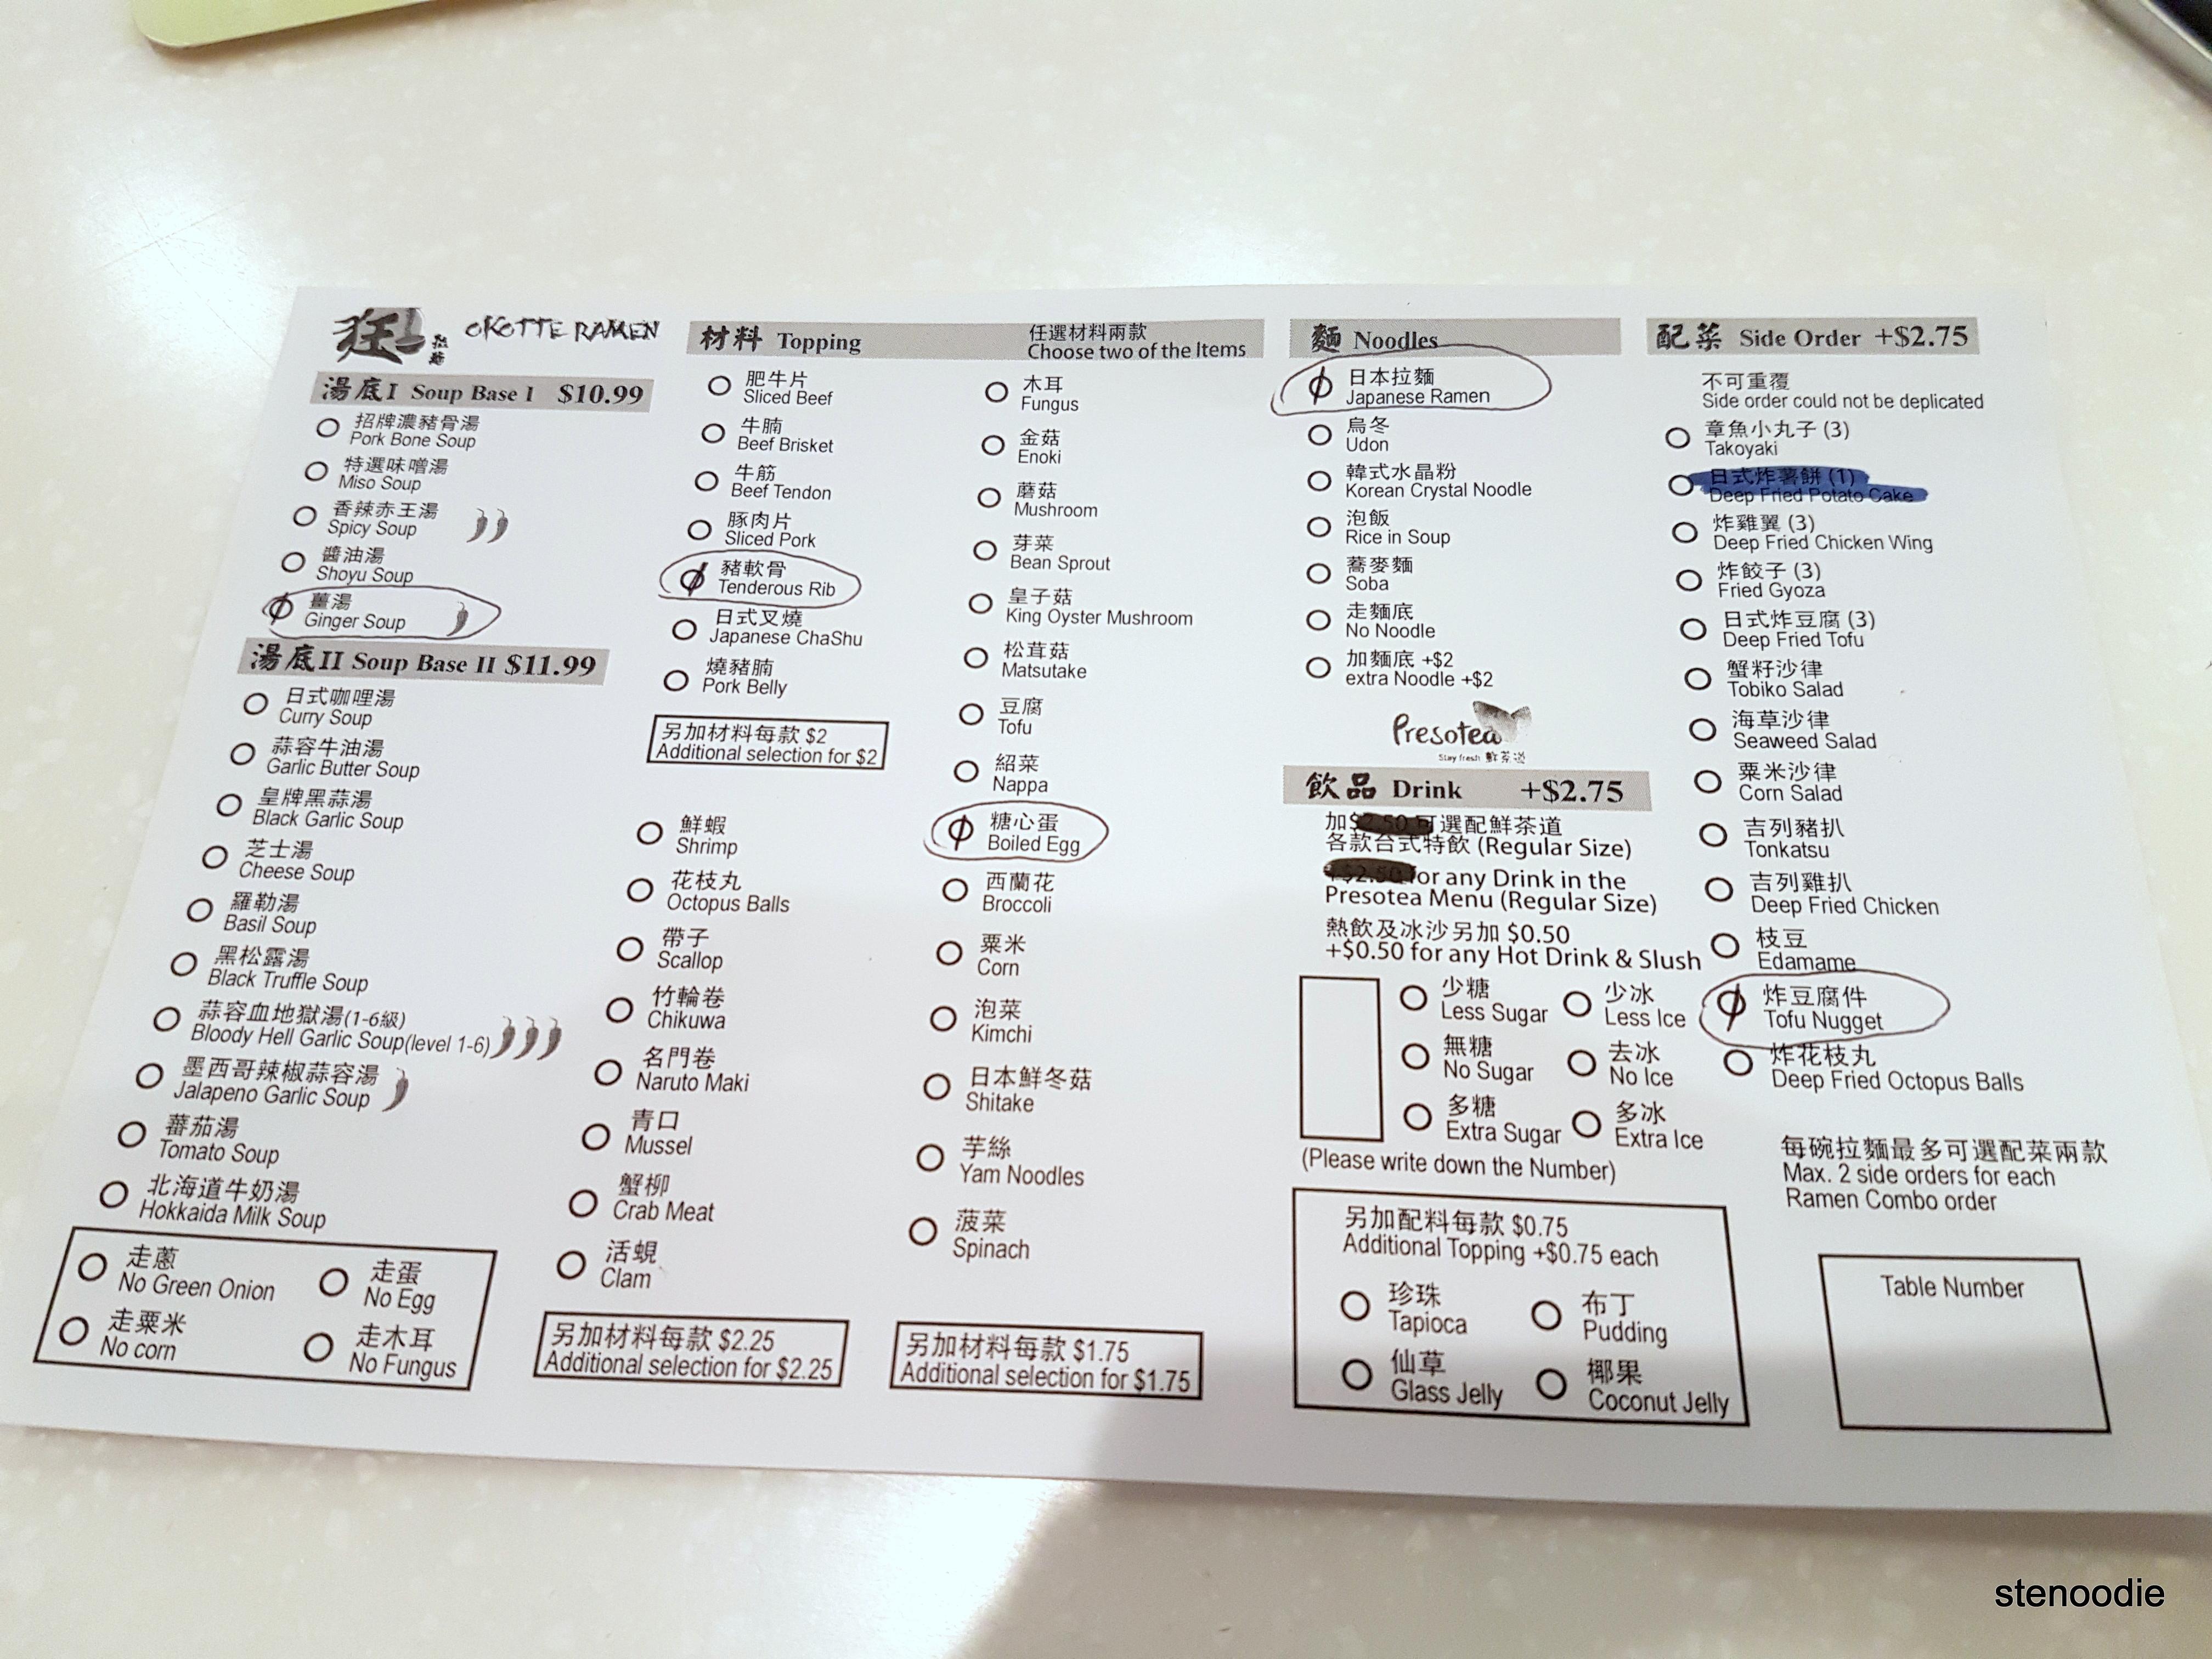 Okotte Ramen order sheet